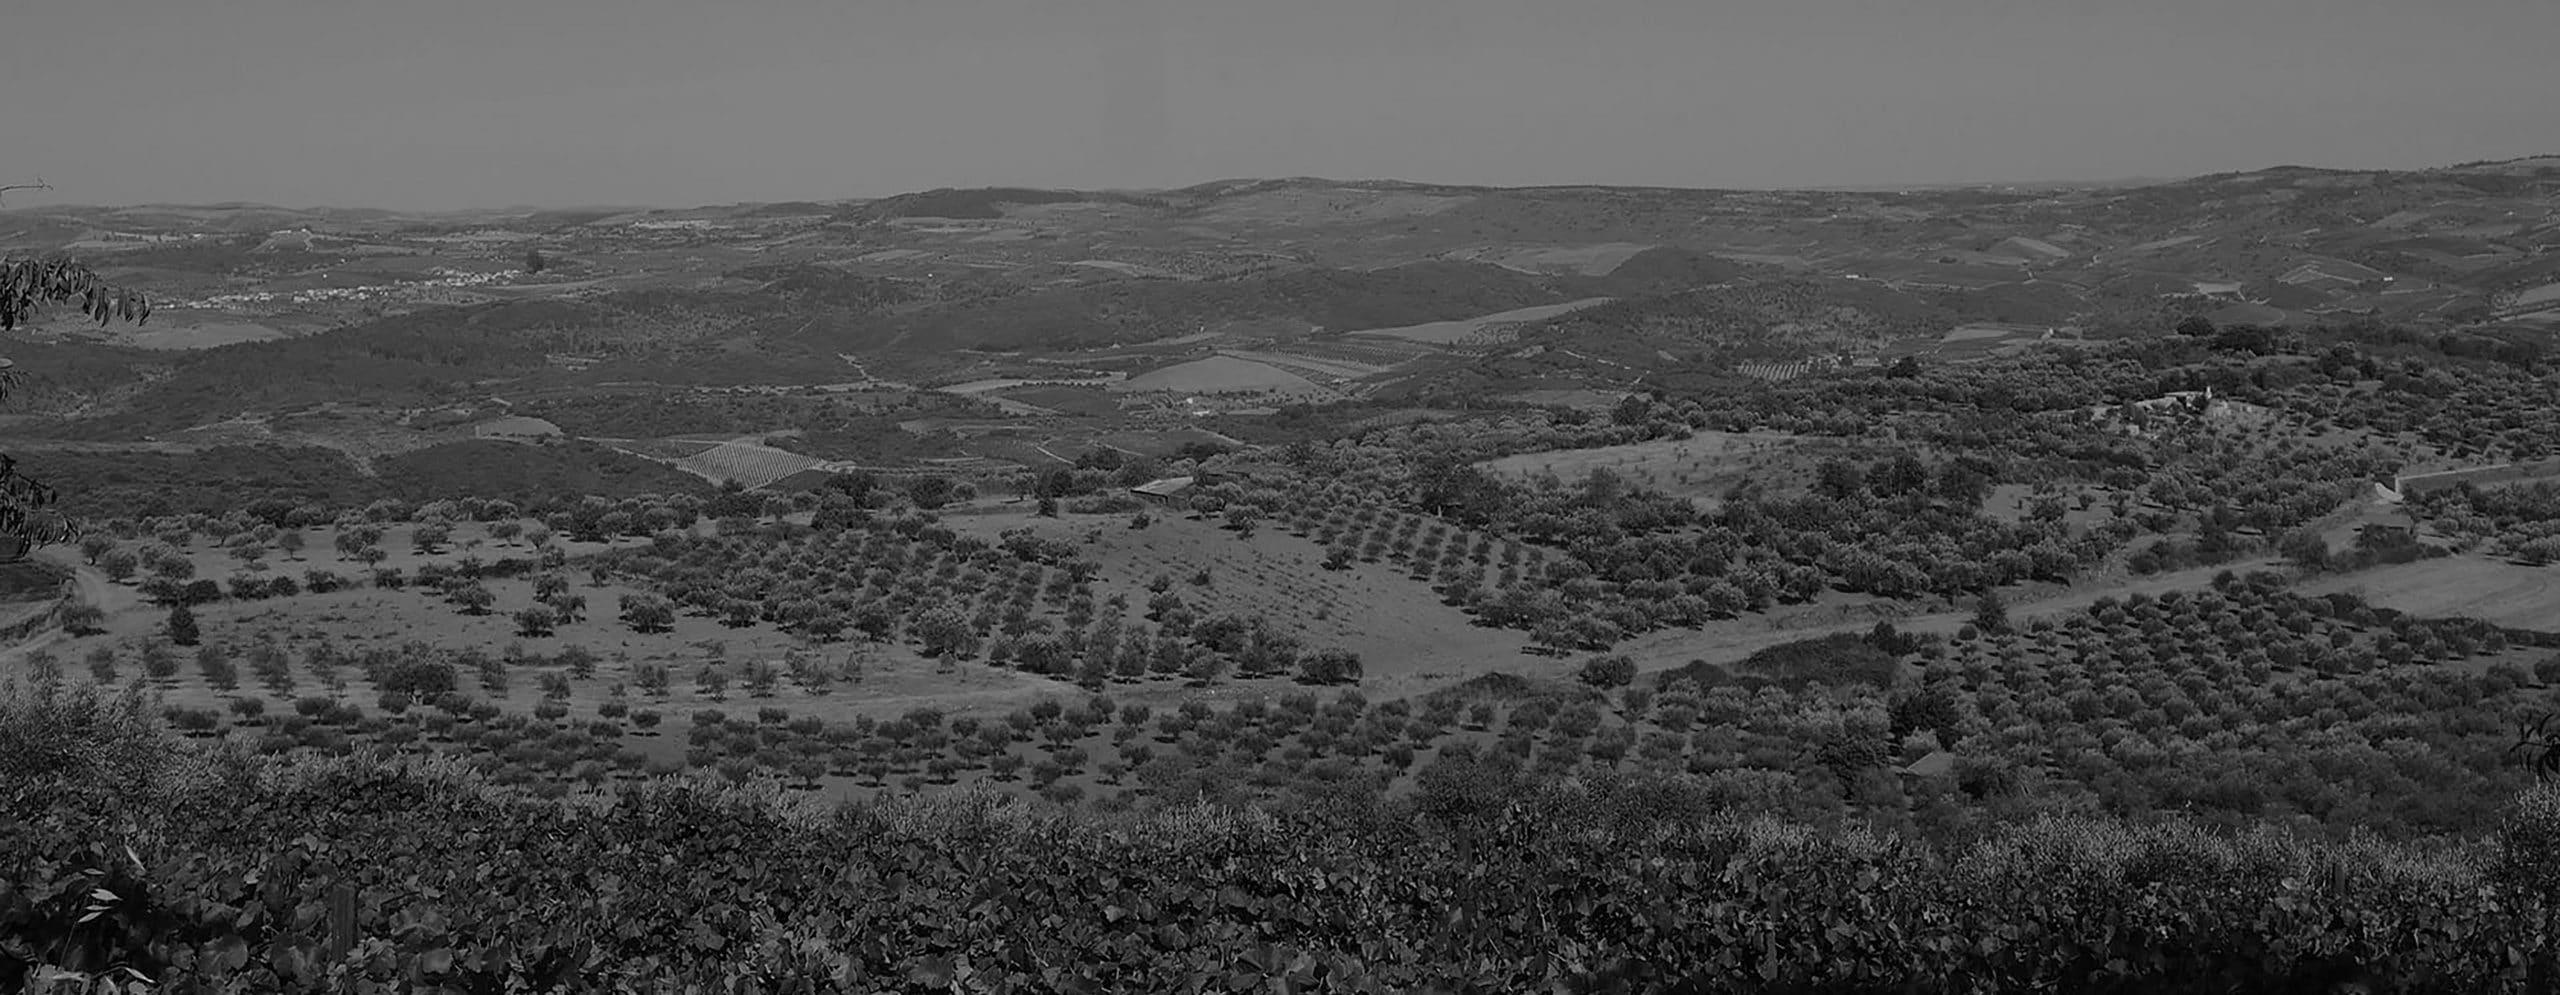 Vale Douro - Vue depuis la vigne